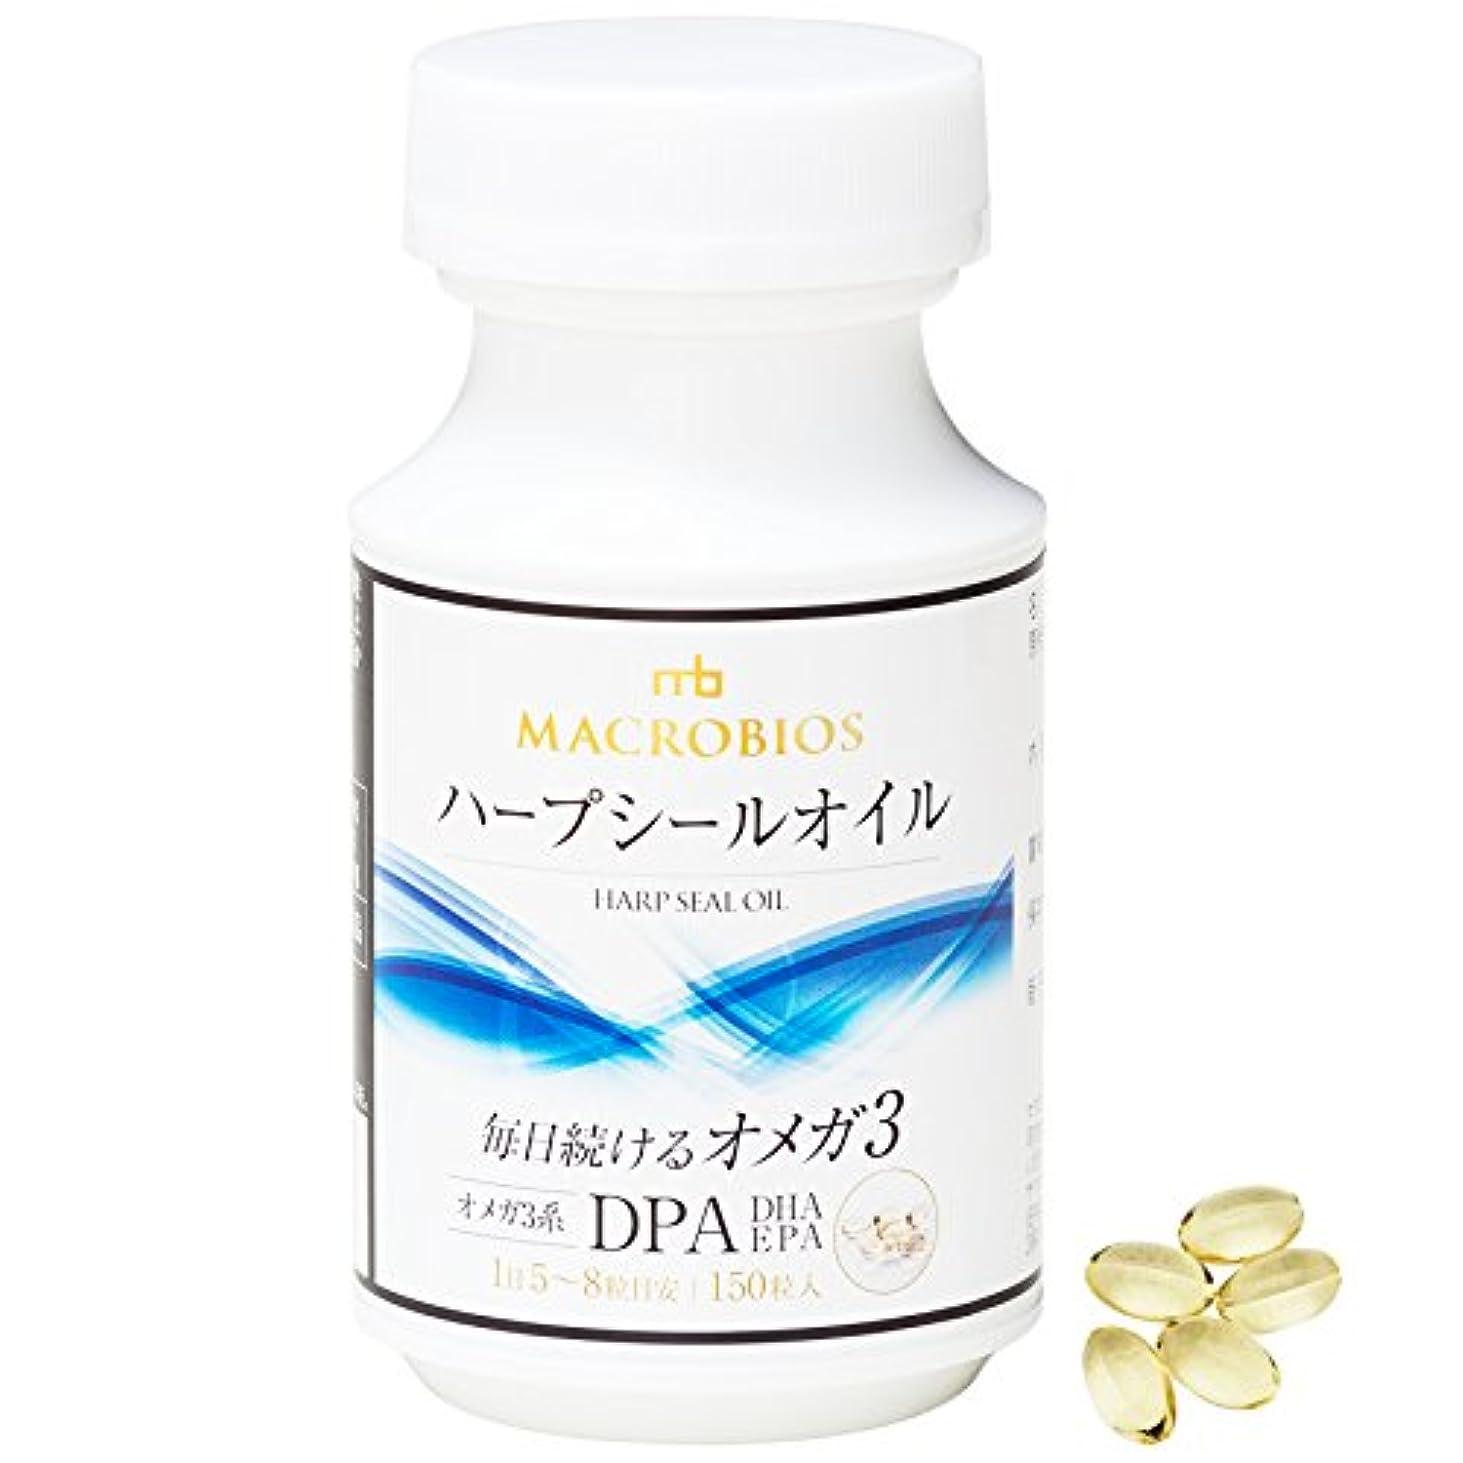 果てしないマラウイ要求ハープシールオイル 150粒 (アザラシ油) DPA DHA EPA オメガ3 サプリメント (1個)